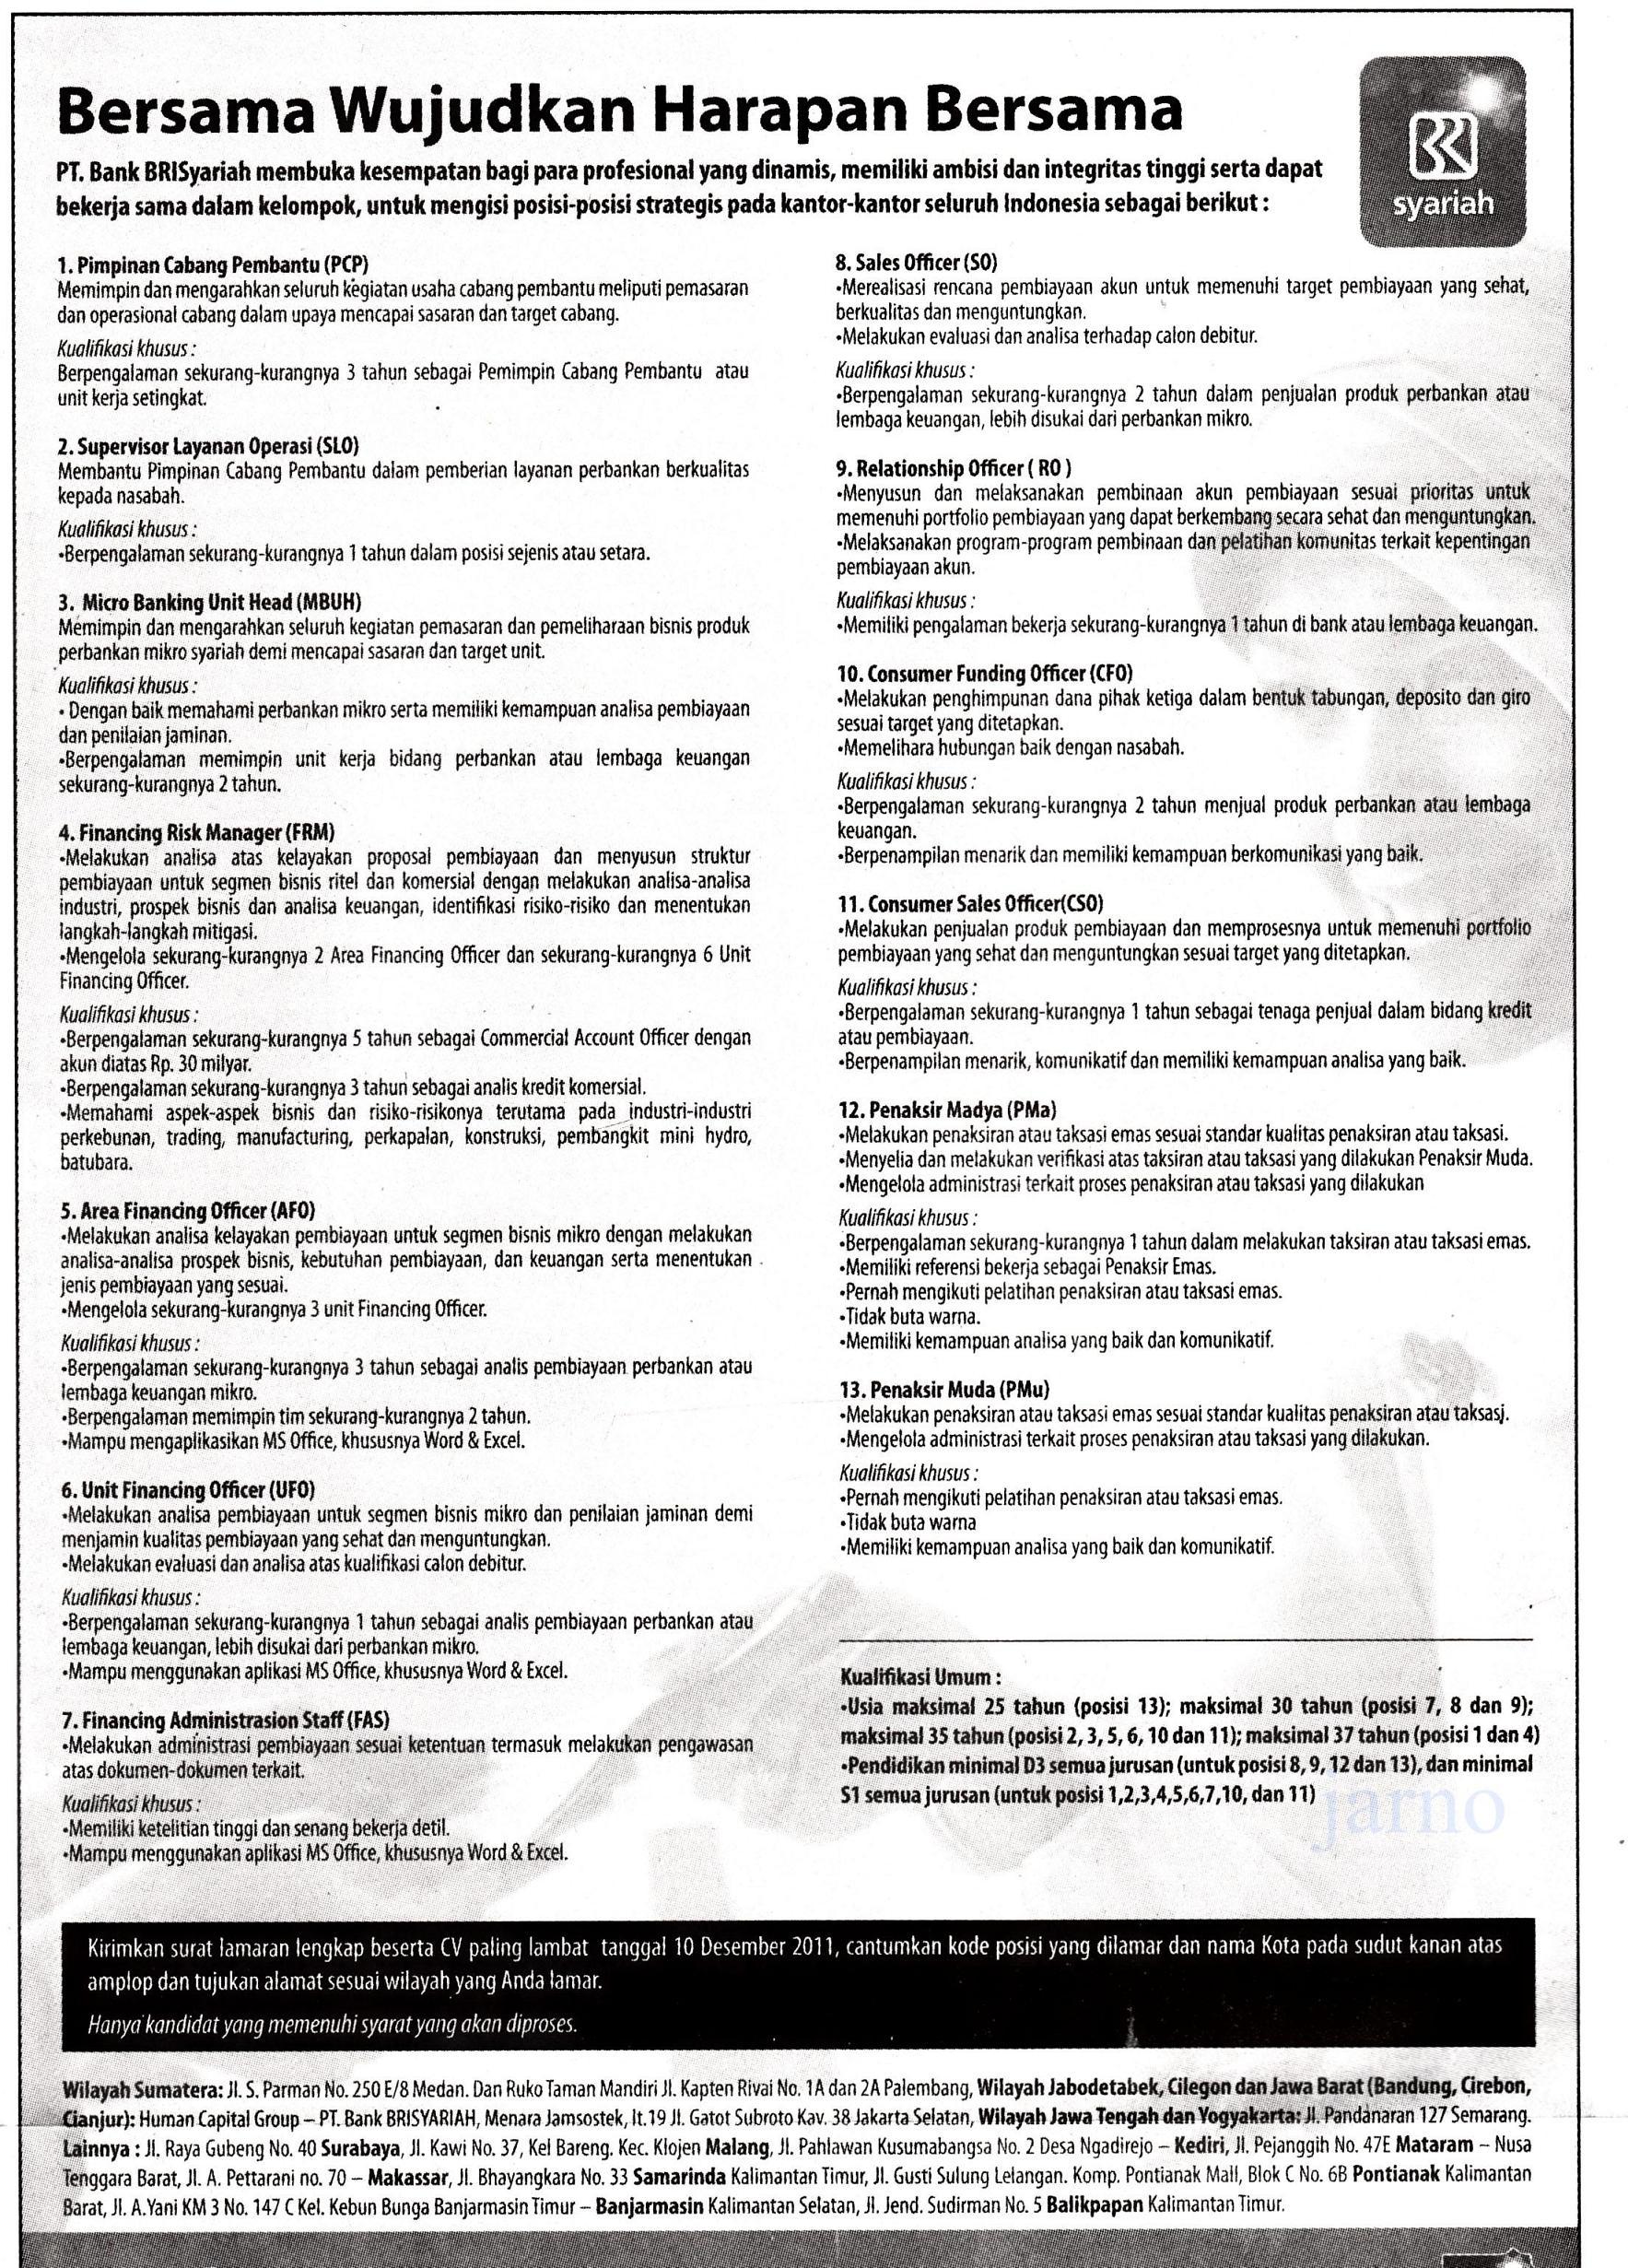 Loker Di Balikpapan Lowongan Kerja Loker Daerah Balikpapan Terbaru Juli 2016 Pengumuman Lowongan Bank Bri Syariah Desember 2011 Terbaru April 2016